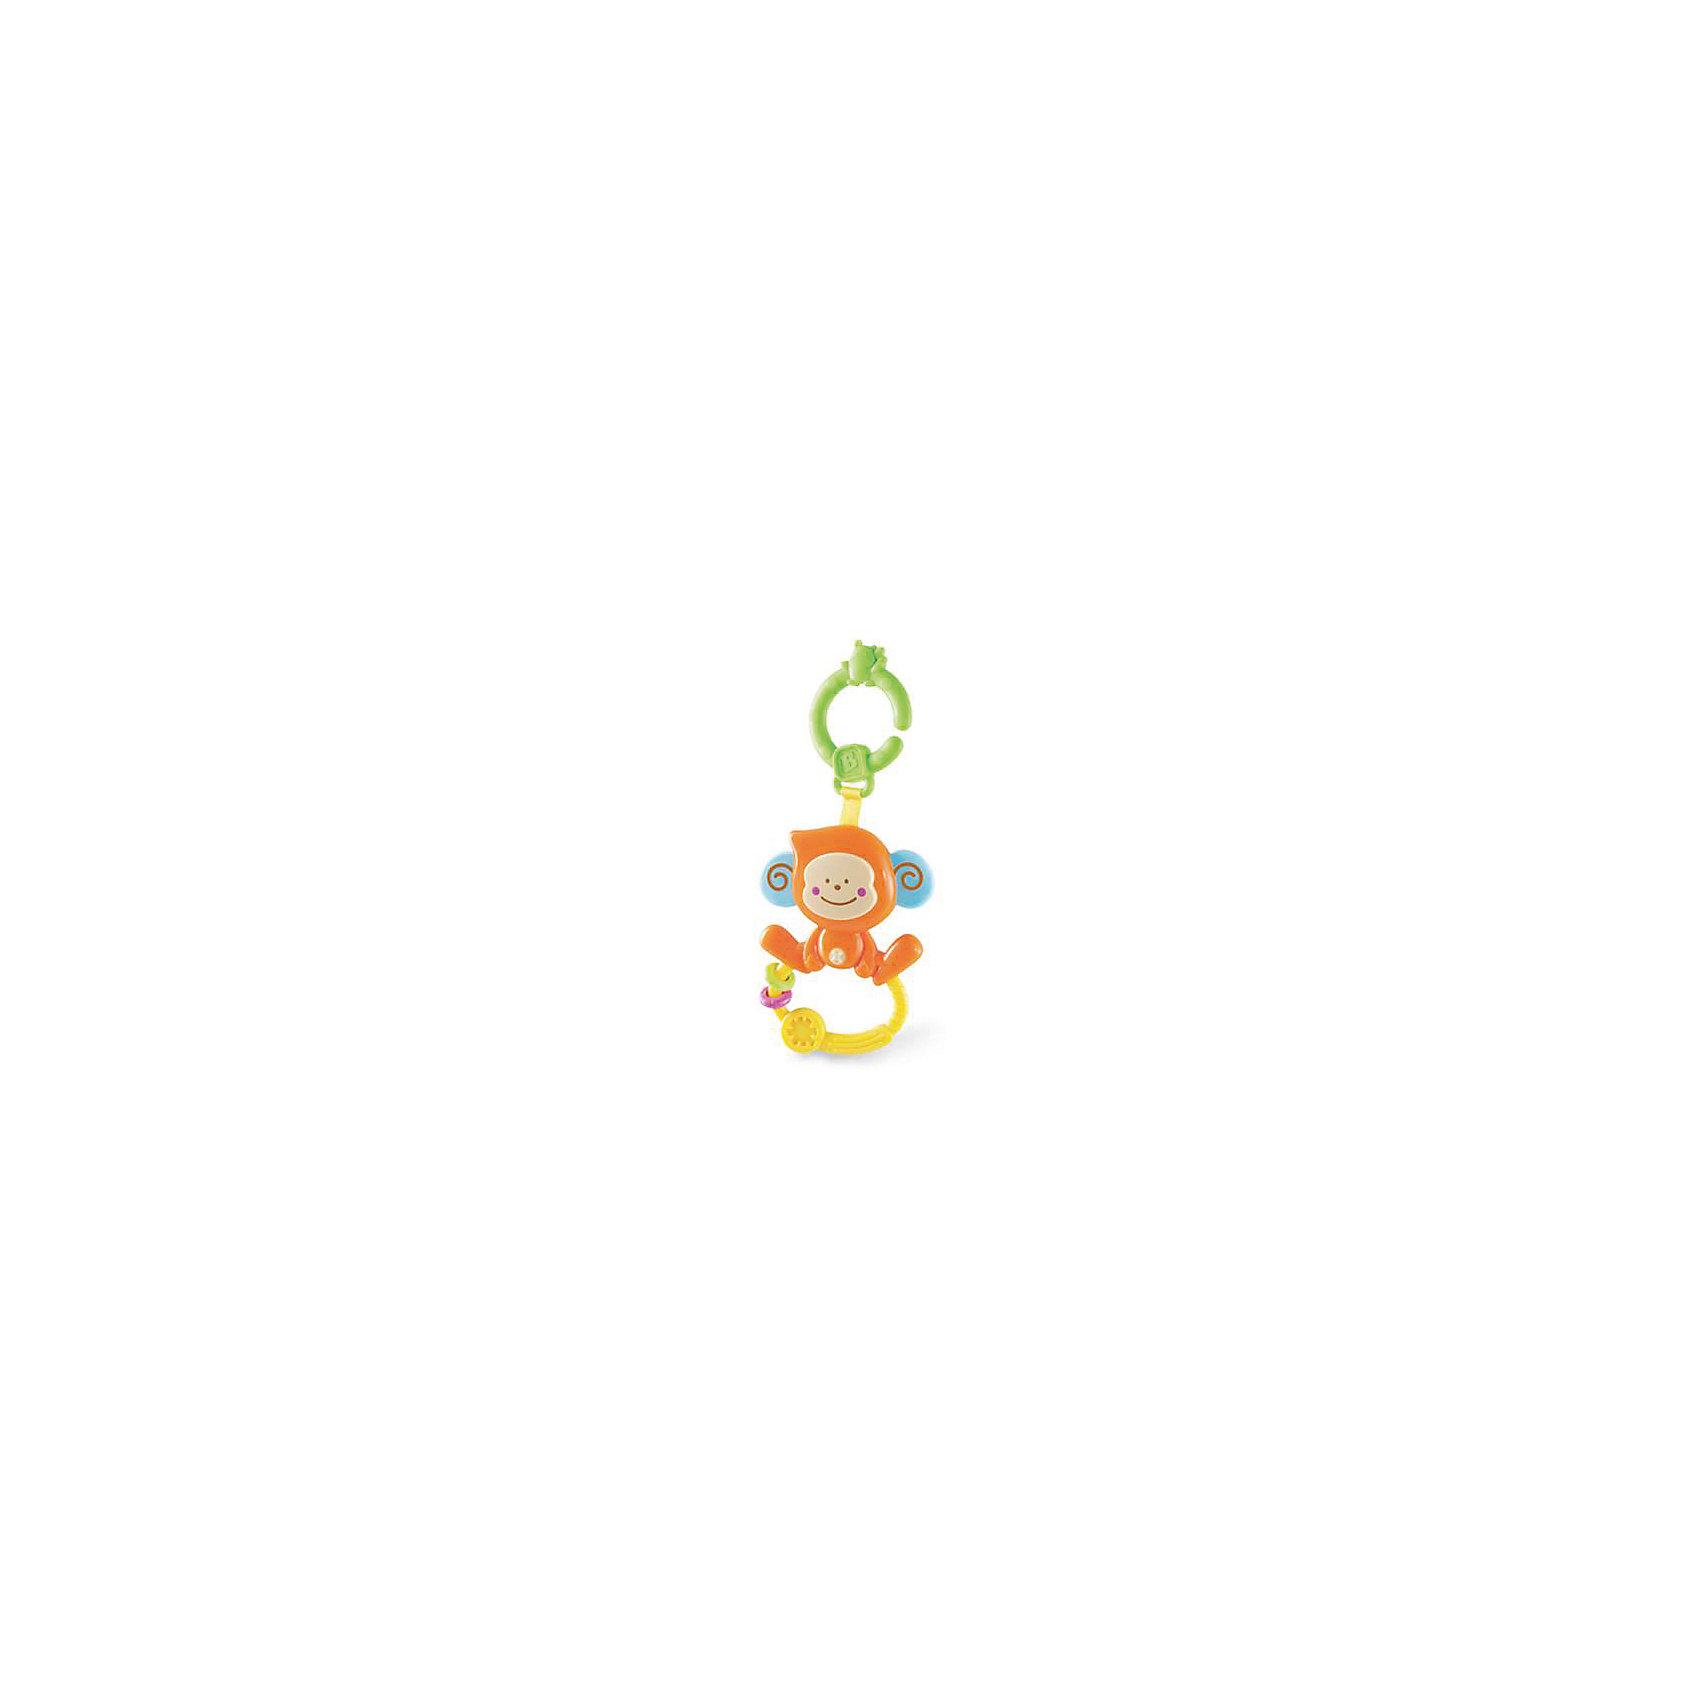 Игрушка Веселая обезьянка с колечком, BKidsПрорезыватели необходимы детям, у которых режутся зубки. Они могут выглядеть очень симпатично! Эта игрушка представляет собой прорезыватель в виде обезьяны. На её ножках есть колечко с рельефной поверхностью и двумя мини-массажерами для десен. Если нажать на нос, услышите звук. <br>Такие игрушки способствуют развитию мелкой моторики, воображения, цветовосприятия, тактильных ощущений. Изделие разработано специально для самых маленьких. Сделано из материалов, безопасных для детей.<br><br>Дополнительная информация:<br><br>цвет: разноцветный;<br>размеры упаковки: 12 х 11 см;<br>возраст: с рождения.<br><br>Игрушку Веселая обезьянка с колечком от бренда BKids можно купить в нашем интернет-магазине.<br><br>Ширина мм: 114<br>Глубина мм: 114<br>Высота мм: 20<br>Вес г: 81<br>Возраст от месяцев: 0<br>Возраст до месяцев: 36<br>Пол: Унисекс<br>Возраст: Детский<br>SKU: 5055393